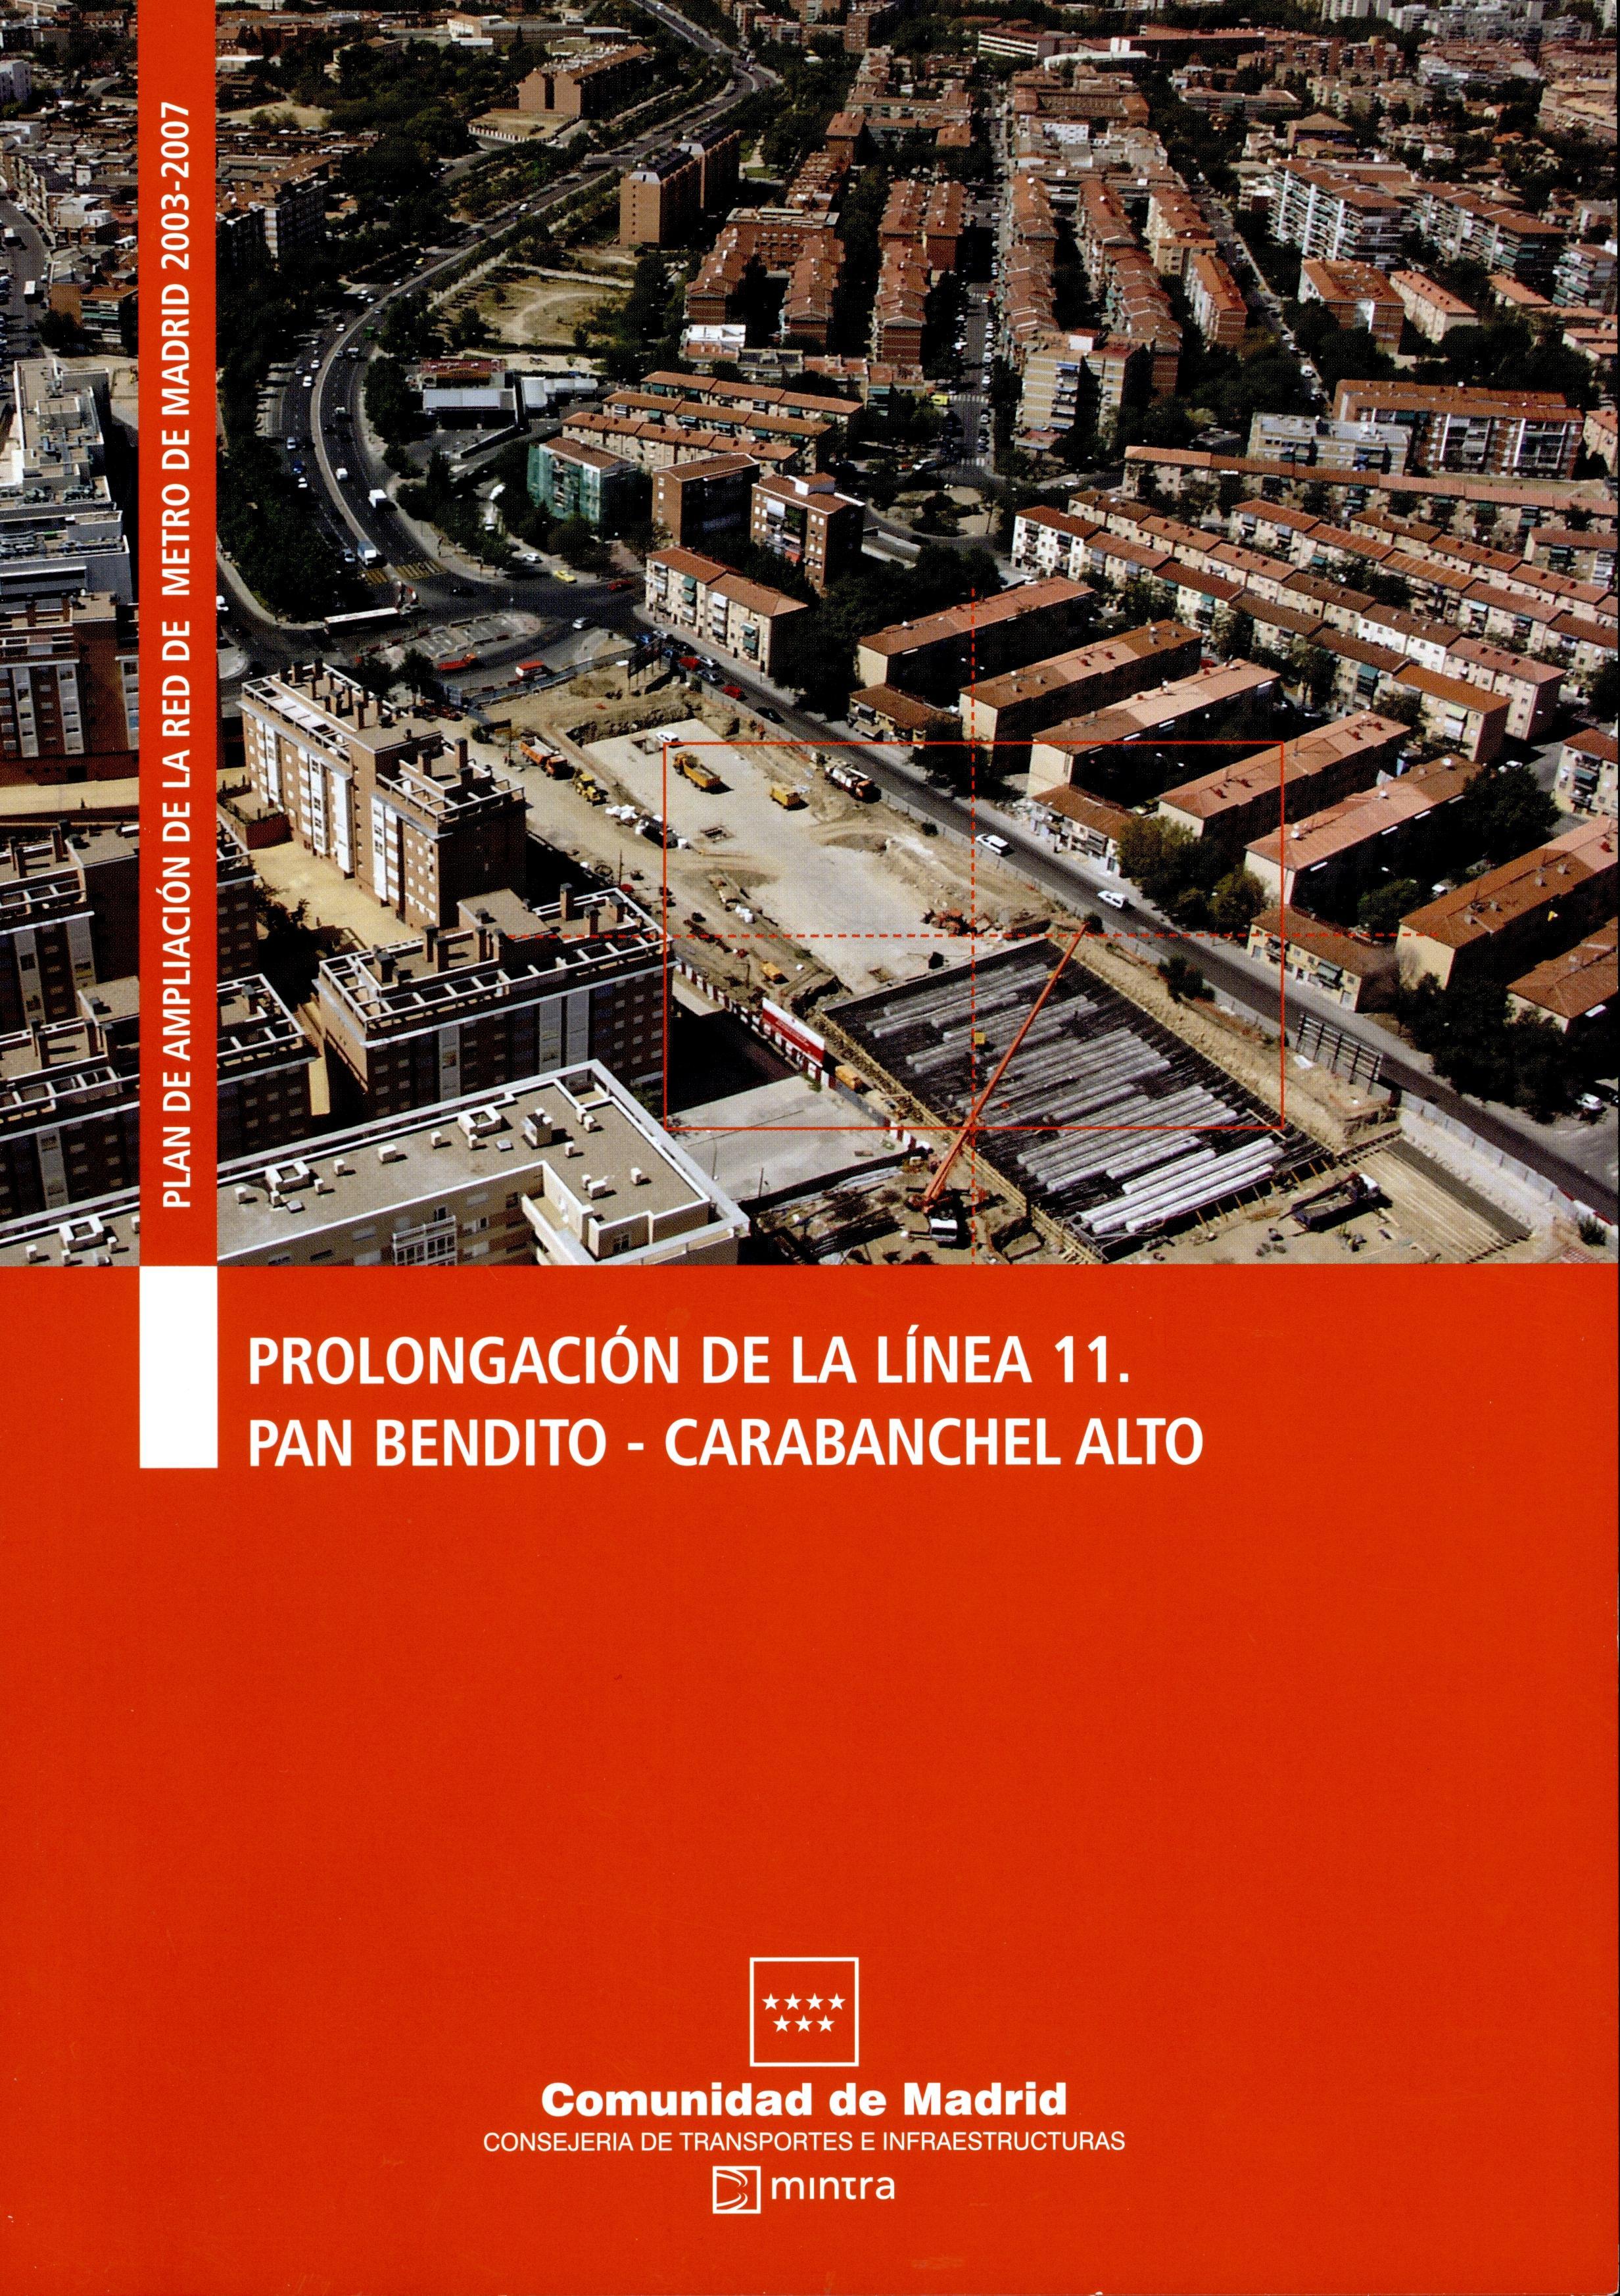 Carátula folleto L11 Pan Bendito-Carabanchel Alto